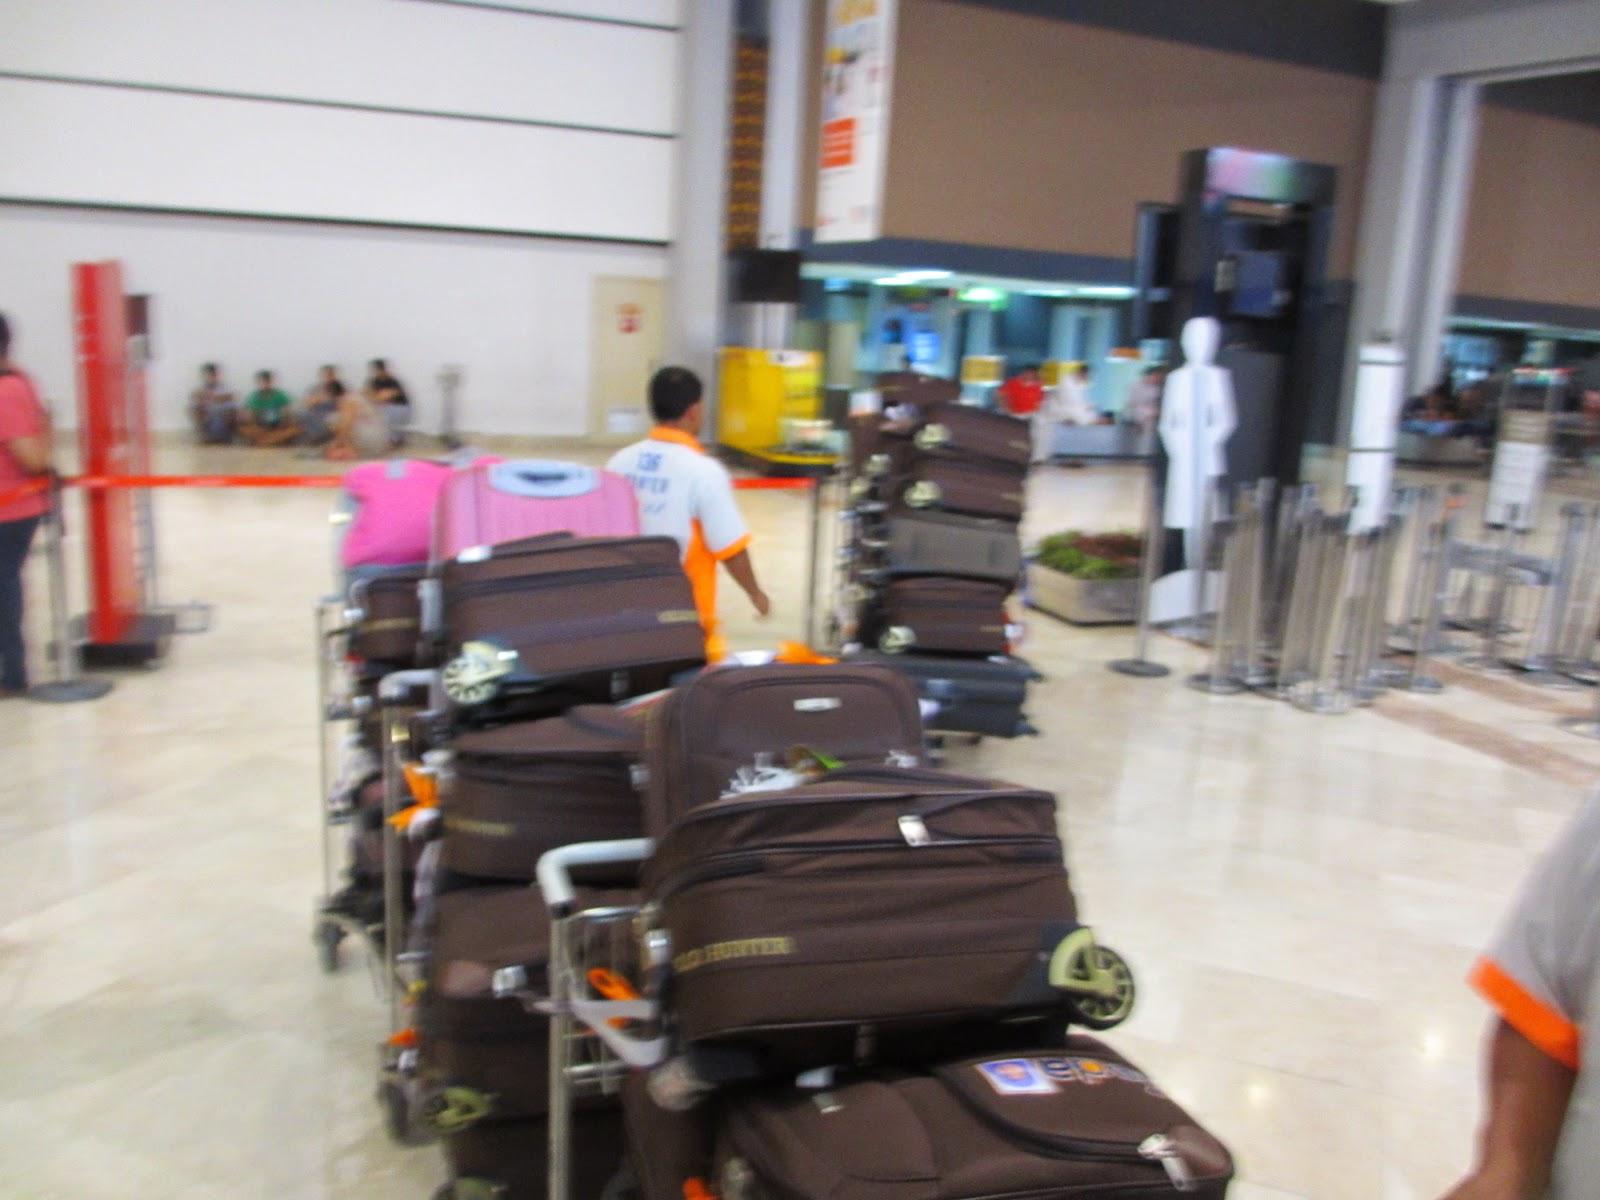 Paket Harga Program Umroh Plus Dubai 2015 Bagus Terbaik dan Terpercaya